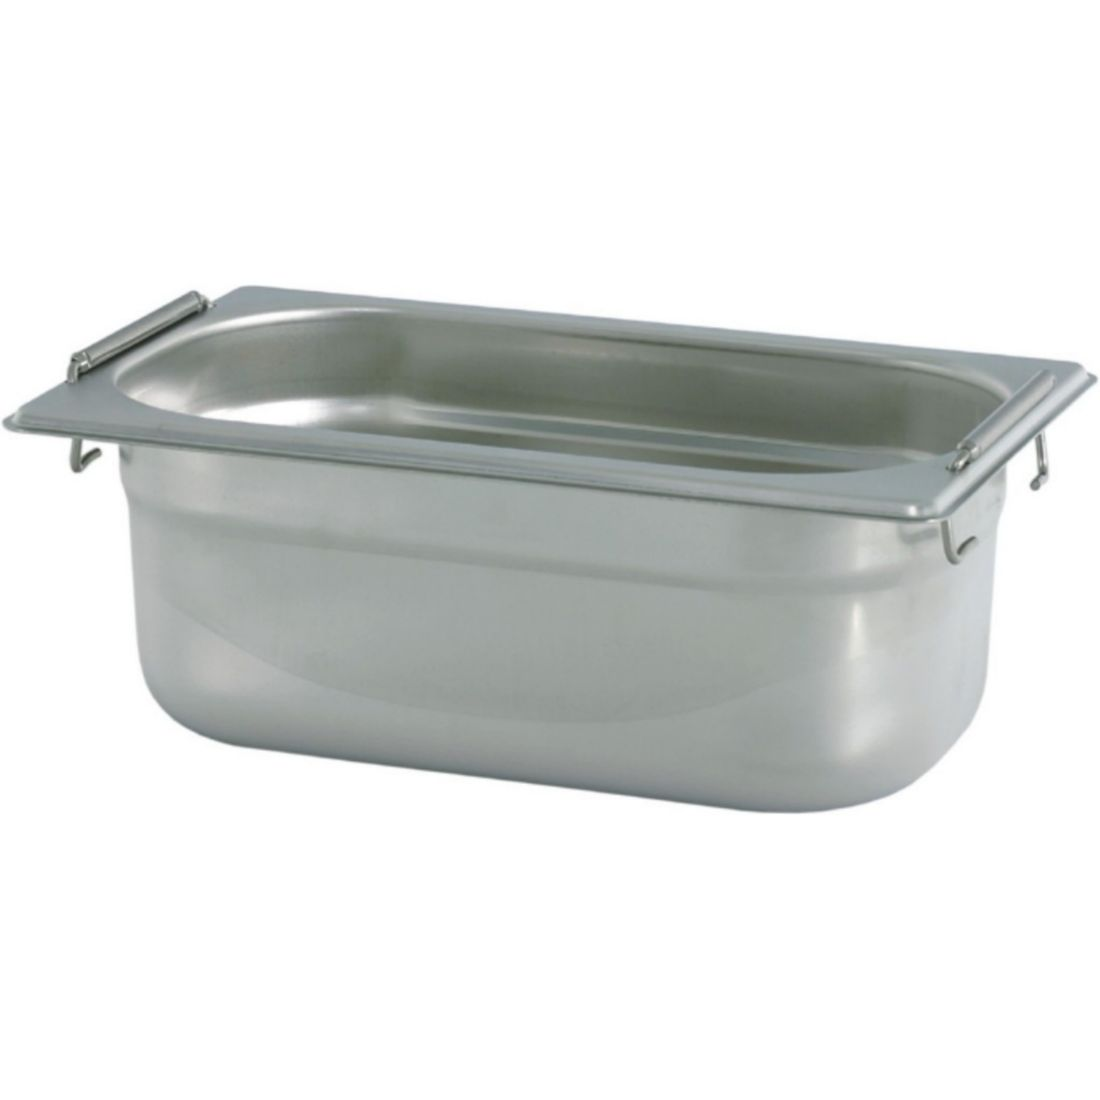 Gastronádoba Profi se sklápěcími úchyty GN 1/4 065 mm